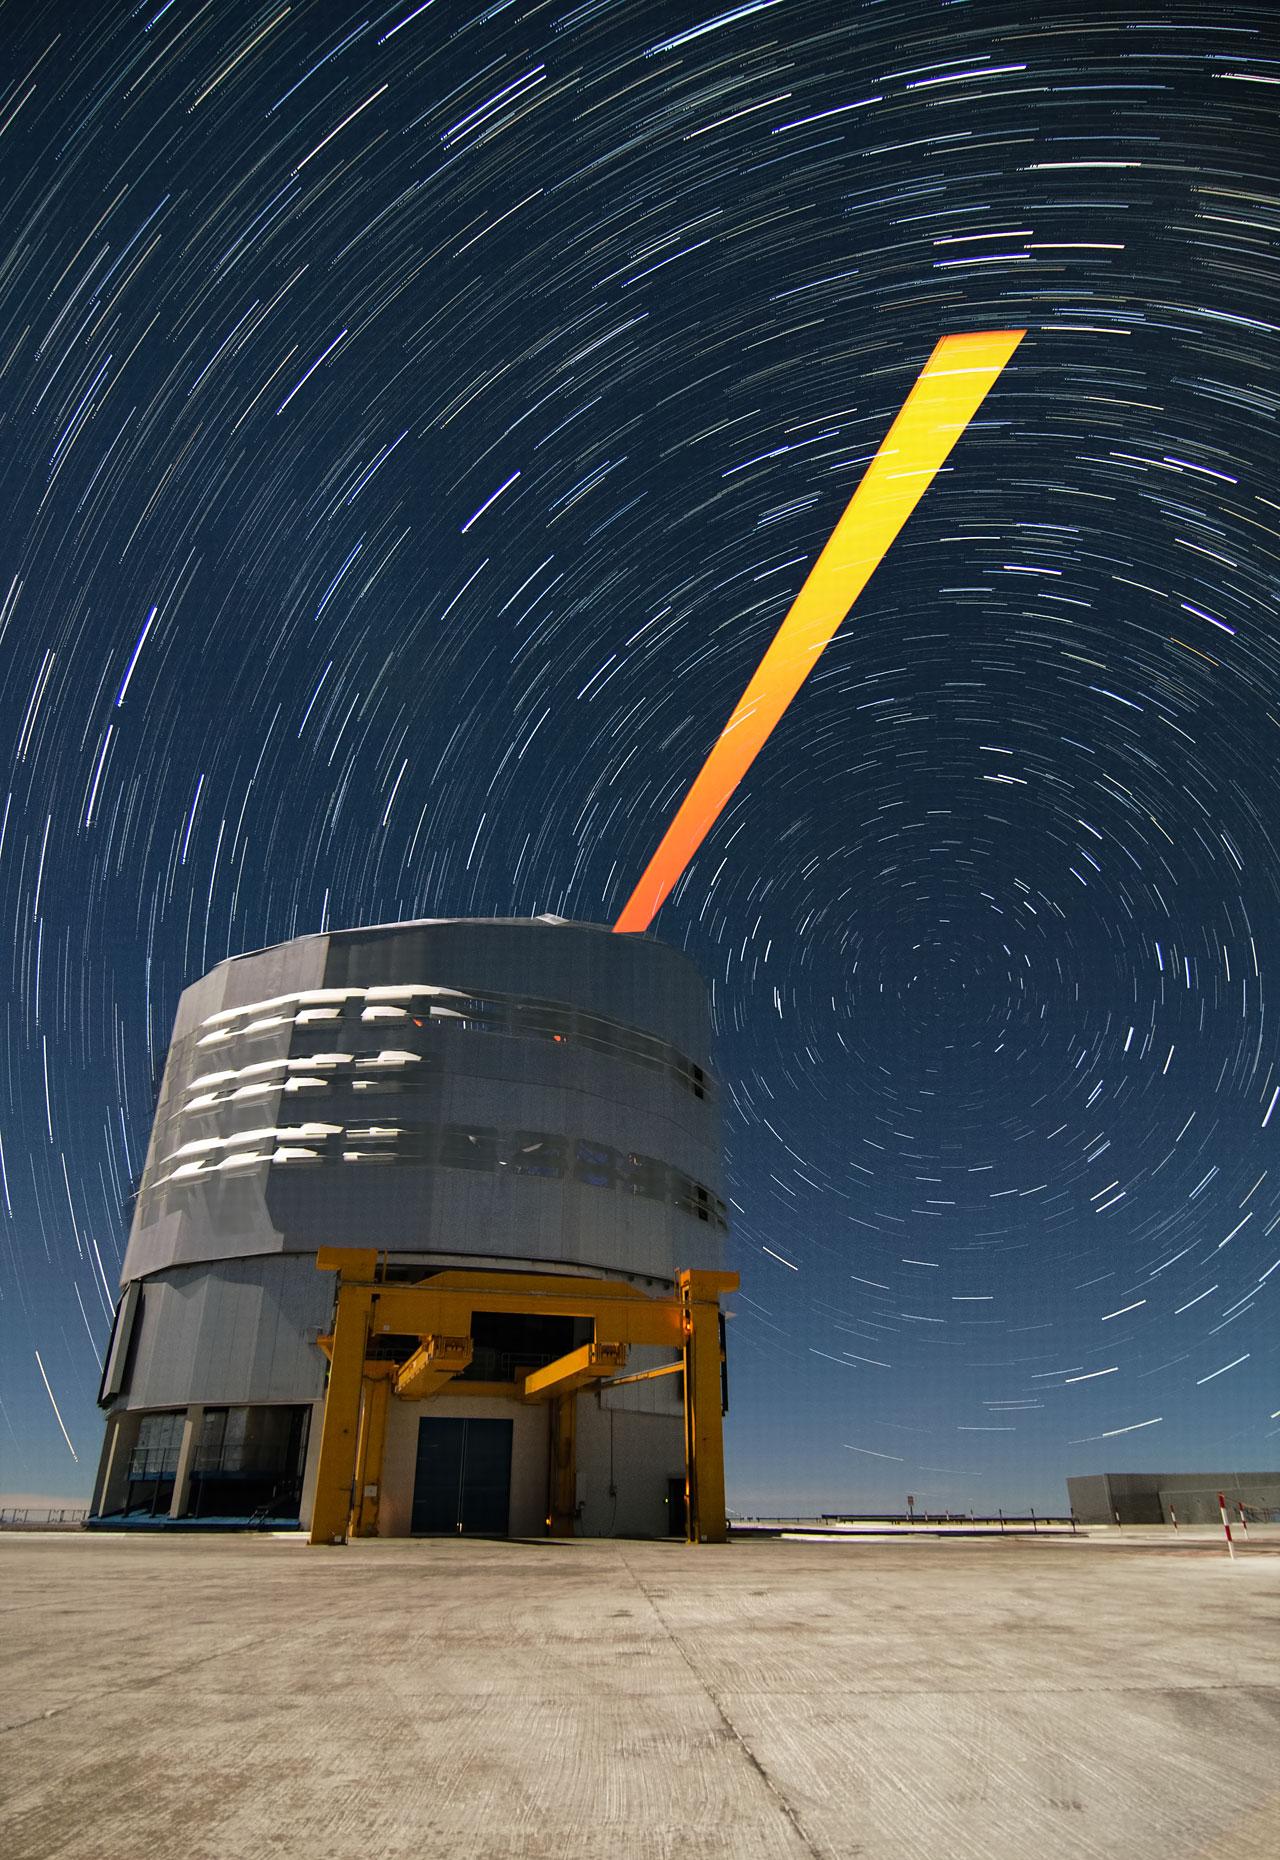 De ESO-sterrenwacht op Paranal tegen een achtergrond van stersporen en de VLT-laserbundel